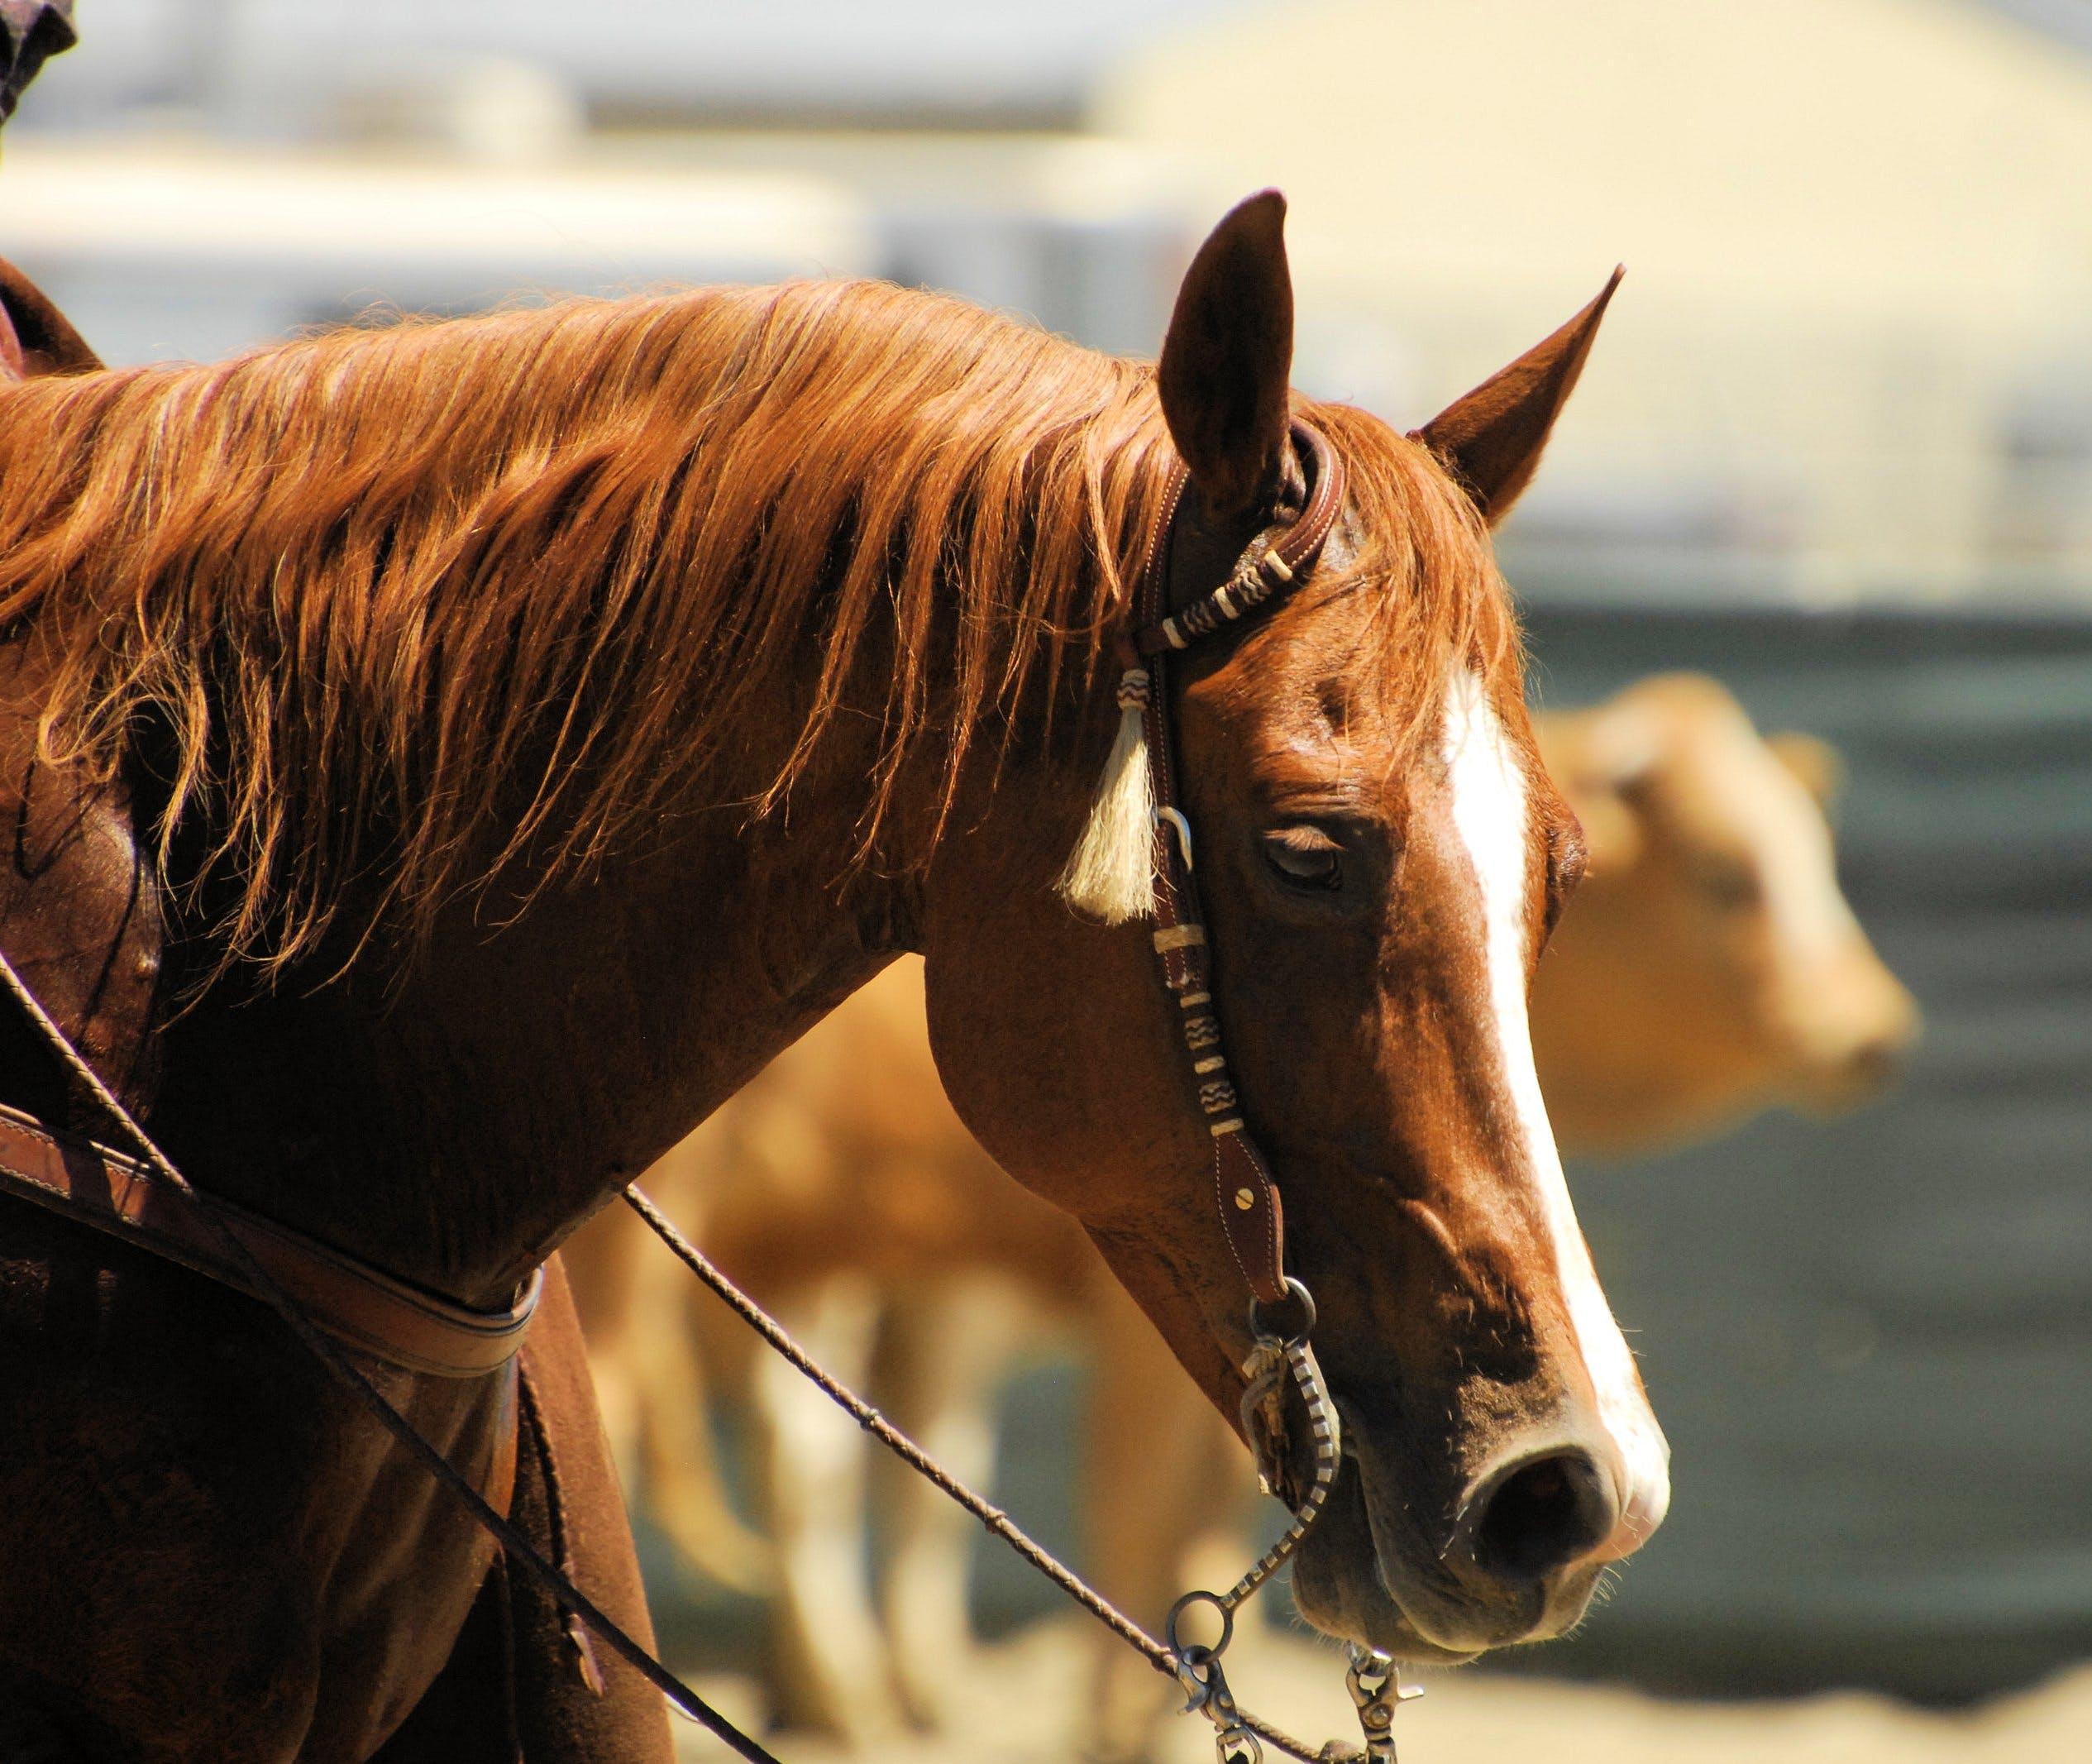 動物, 哺乳類, 牝馬, 牧草地の無料の写真素材